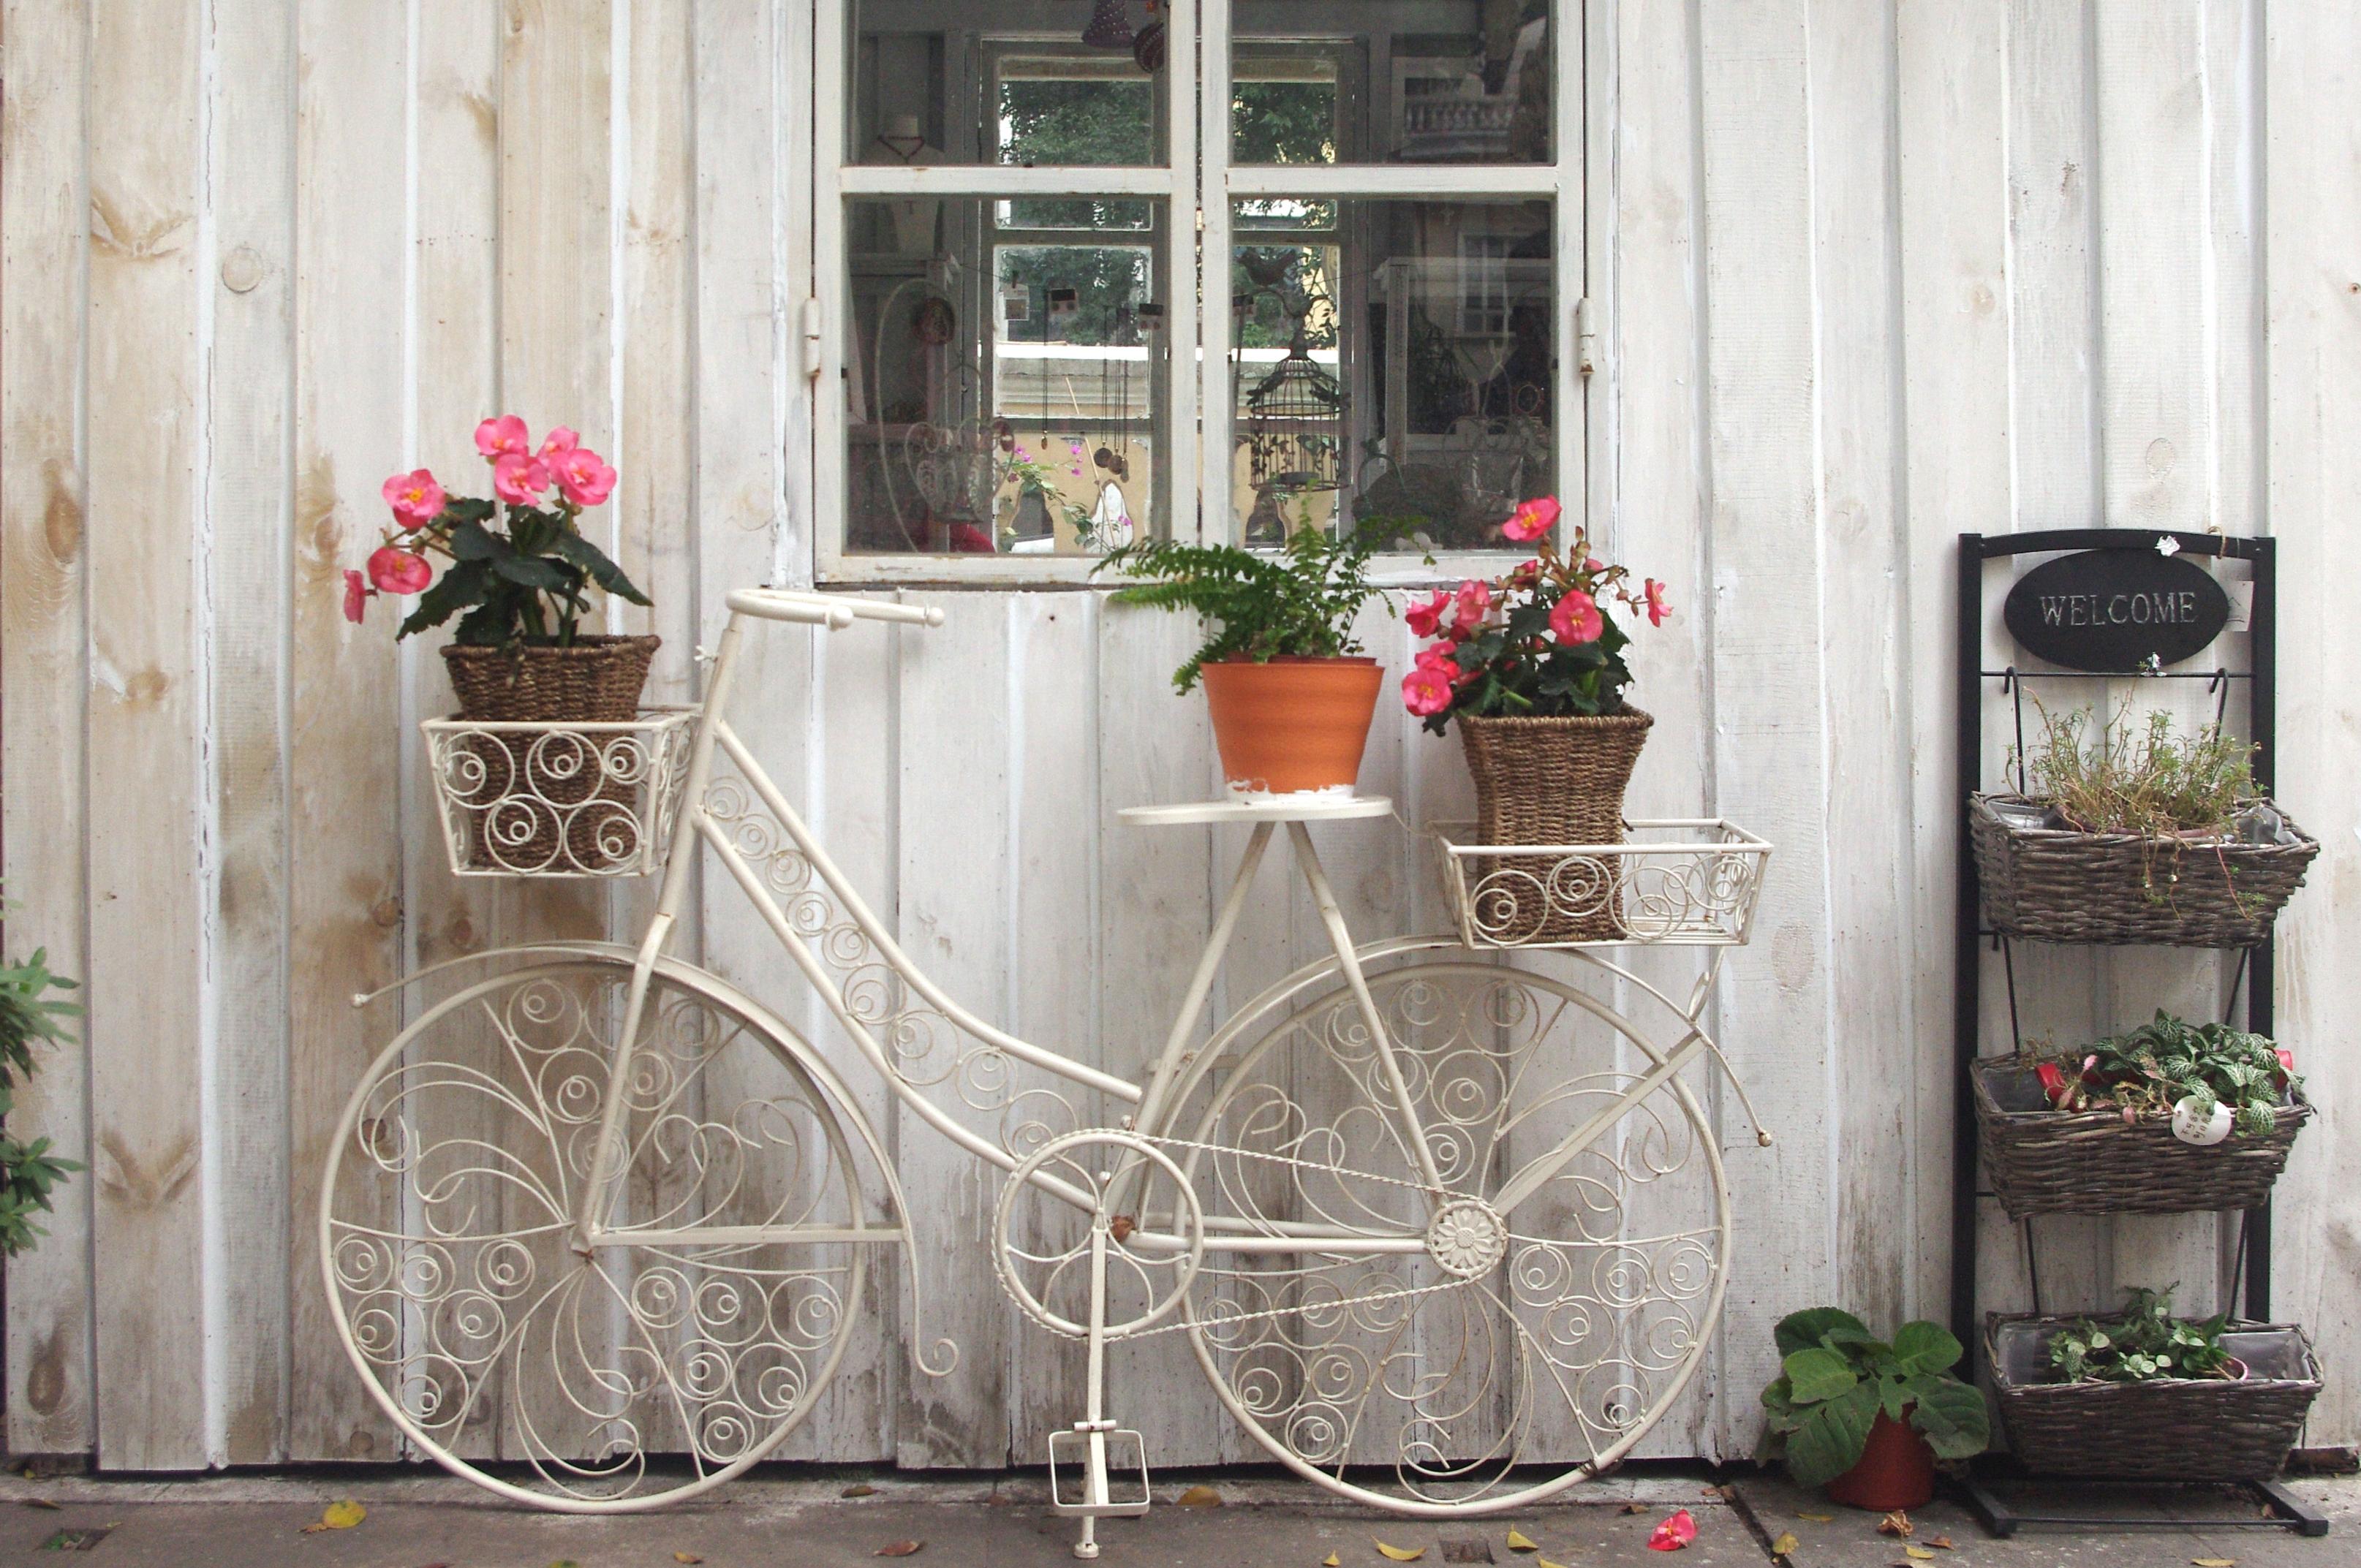 Ahogy egyre melegebb lesz, a kertet sem szabad hanyagolni. A vintage stílus kedvelői egy ütött-kopott kinti kis szekrényt vagy akár egy bringát is feltudnak dobni egy-egy cserepes virággal!